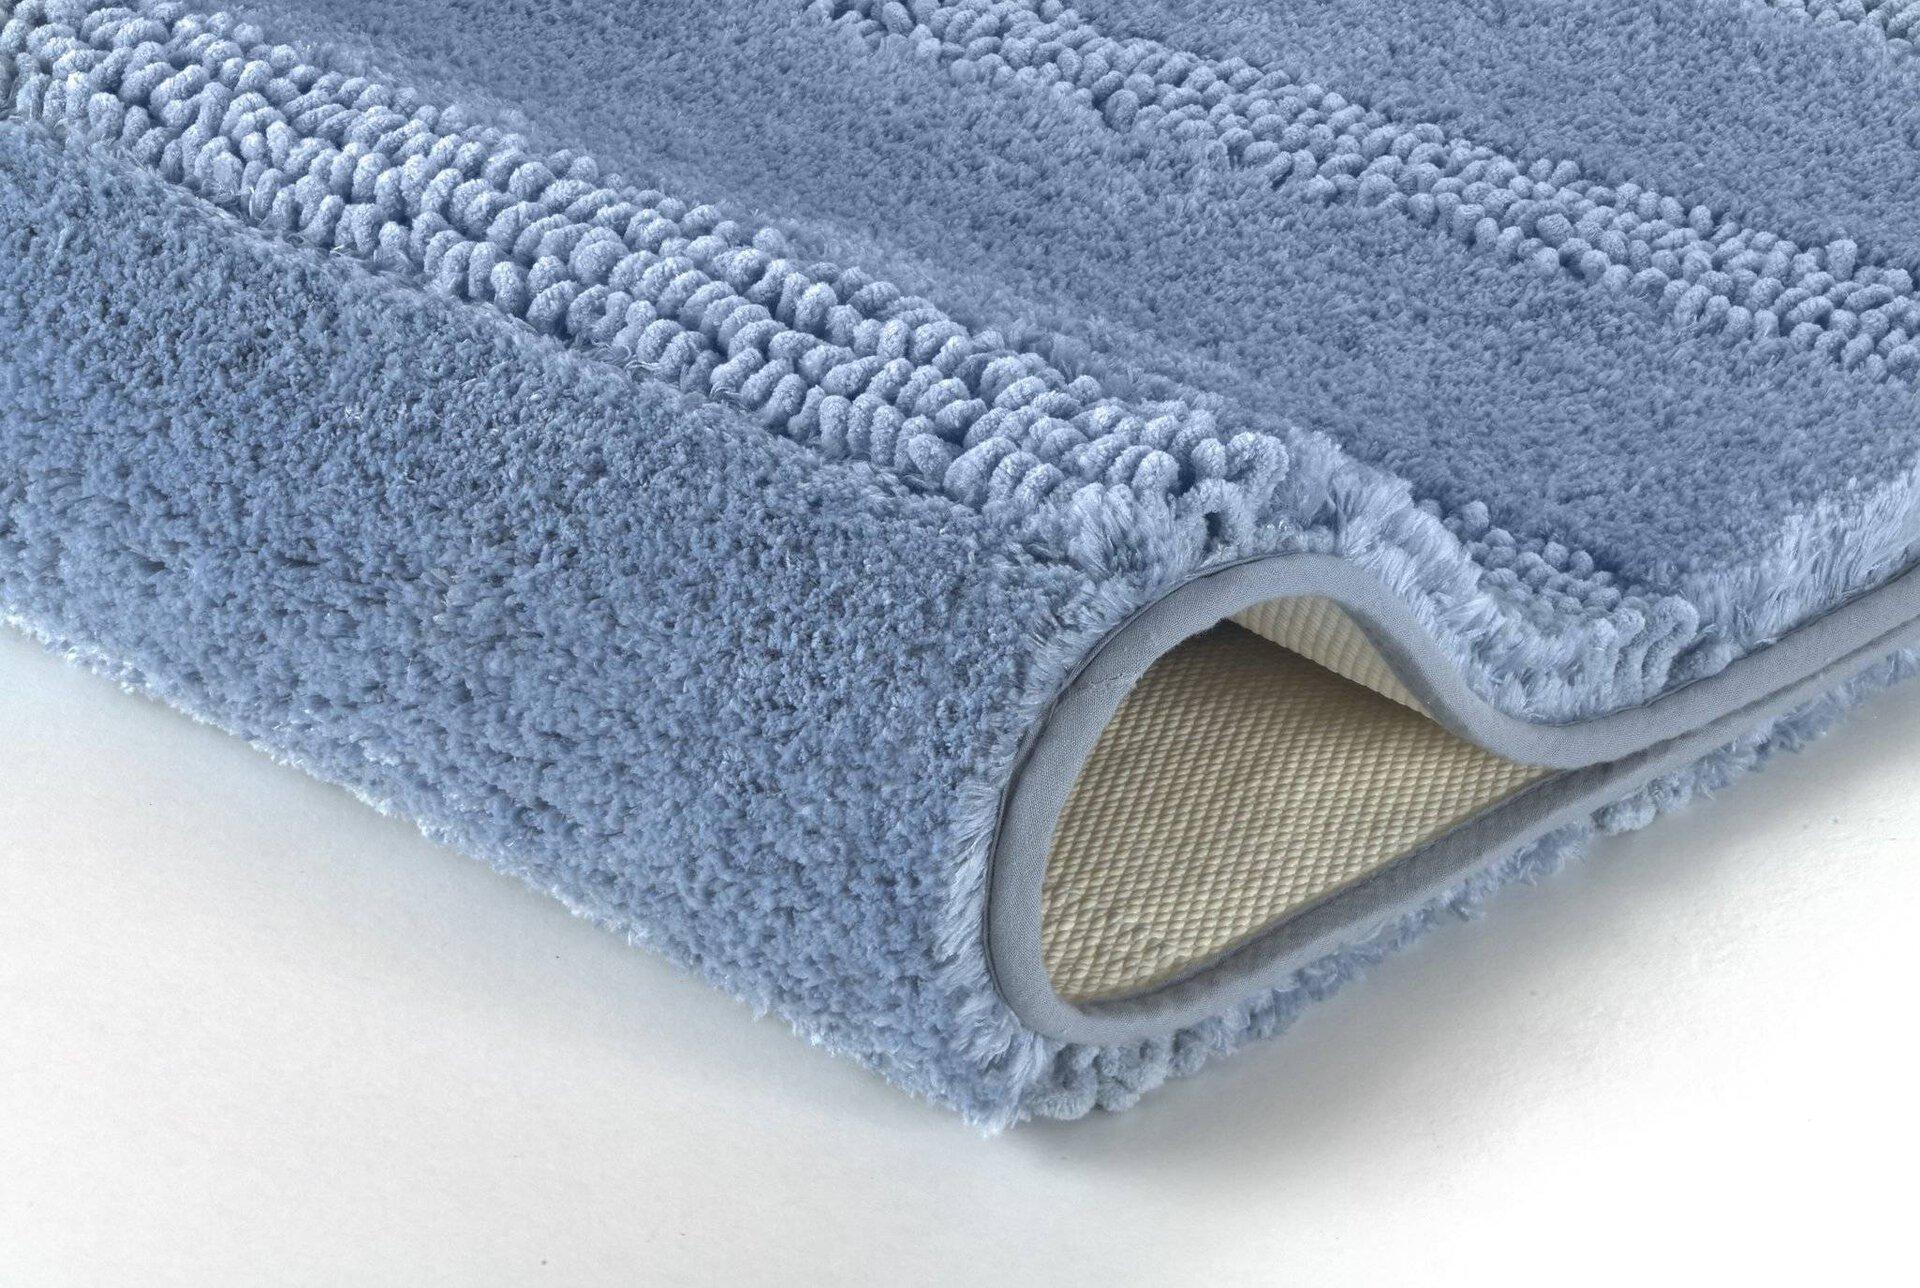 Badteppich Monrovia Kleine Wolke Textil 140 x 2 x 80 cm